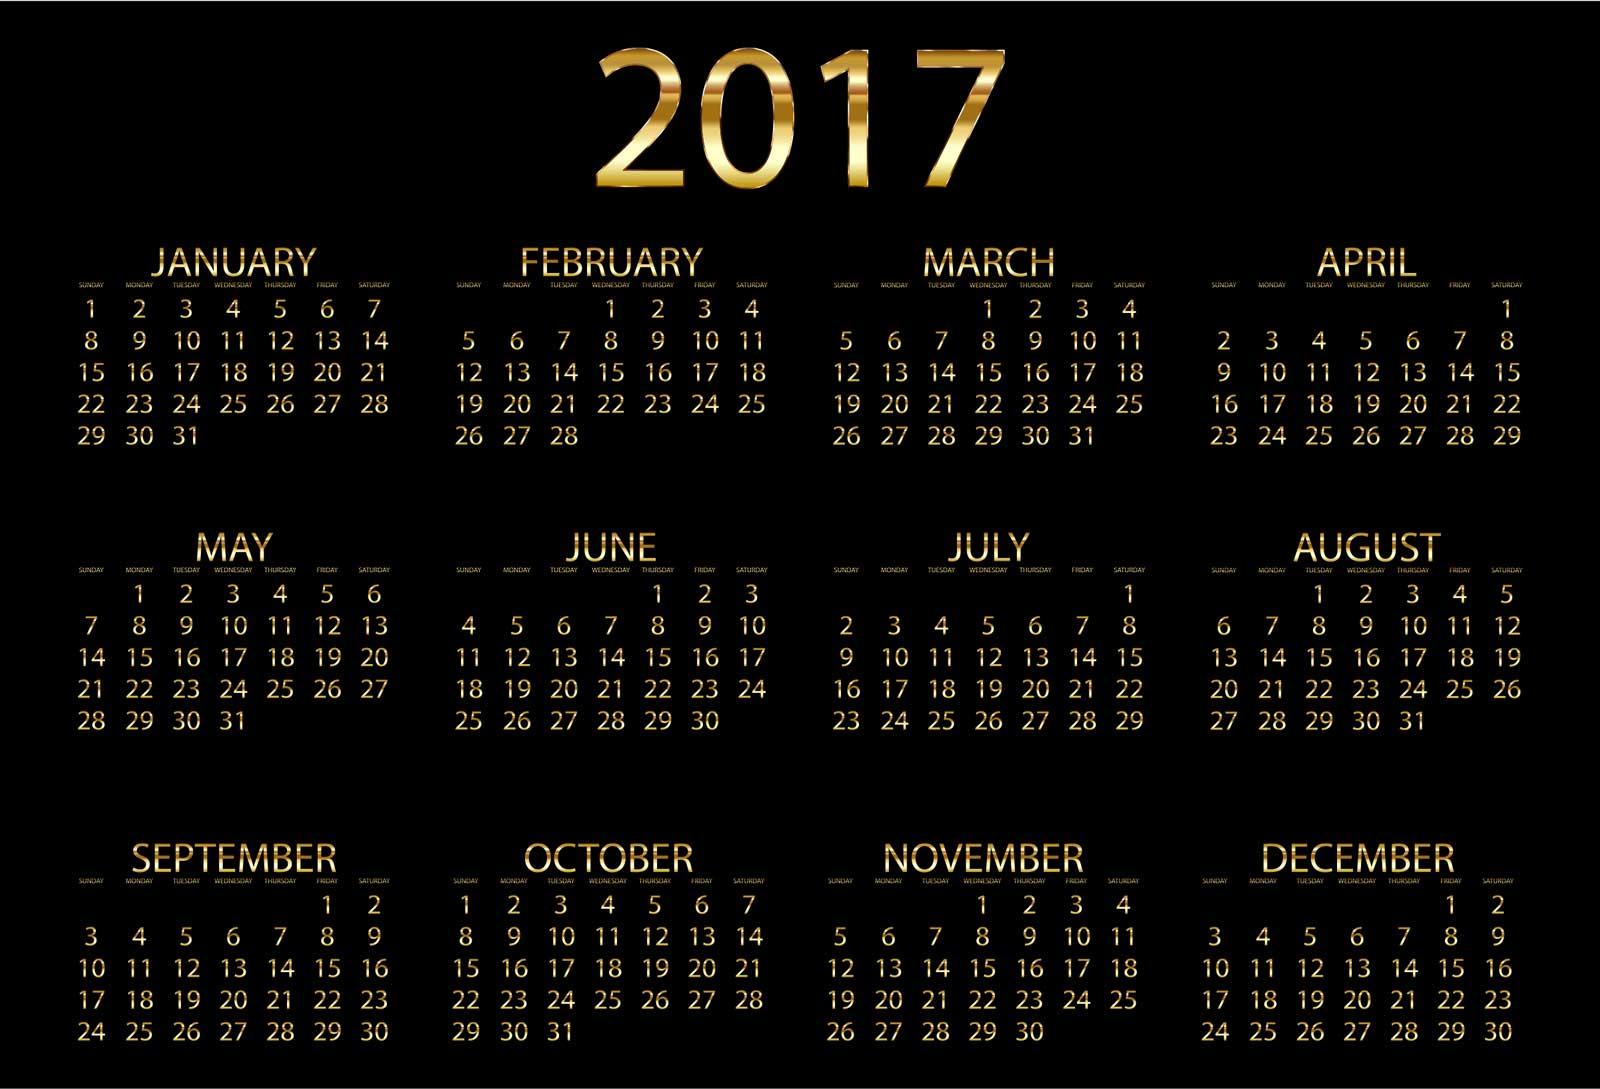 2017 Holidays Calendar New Zealand - Free Online Calendar